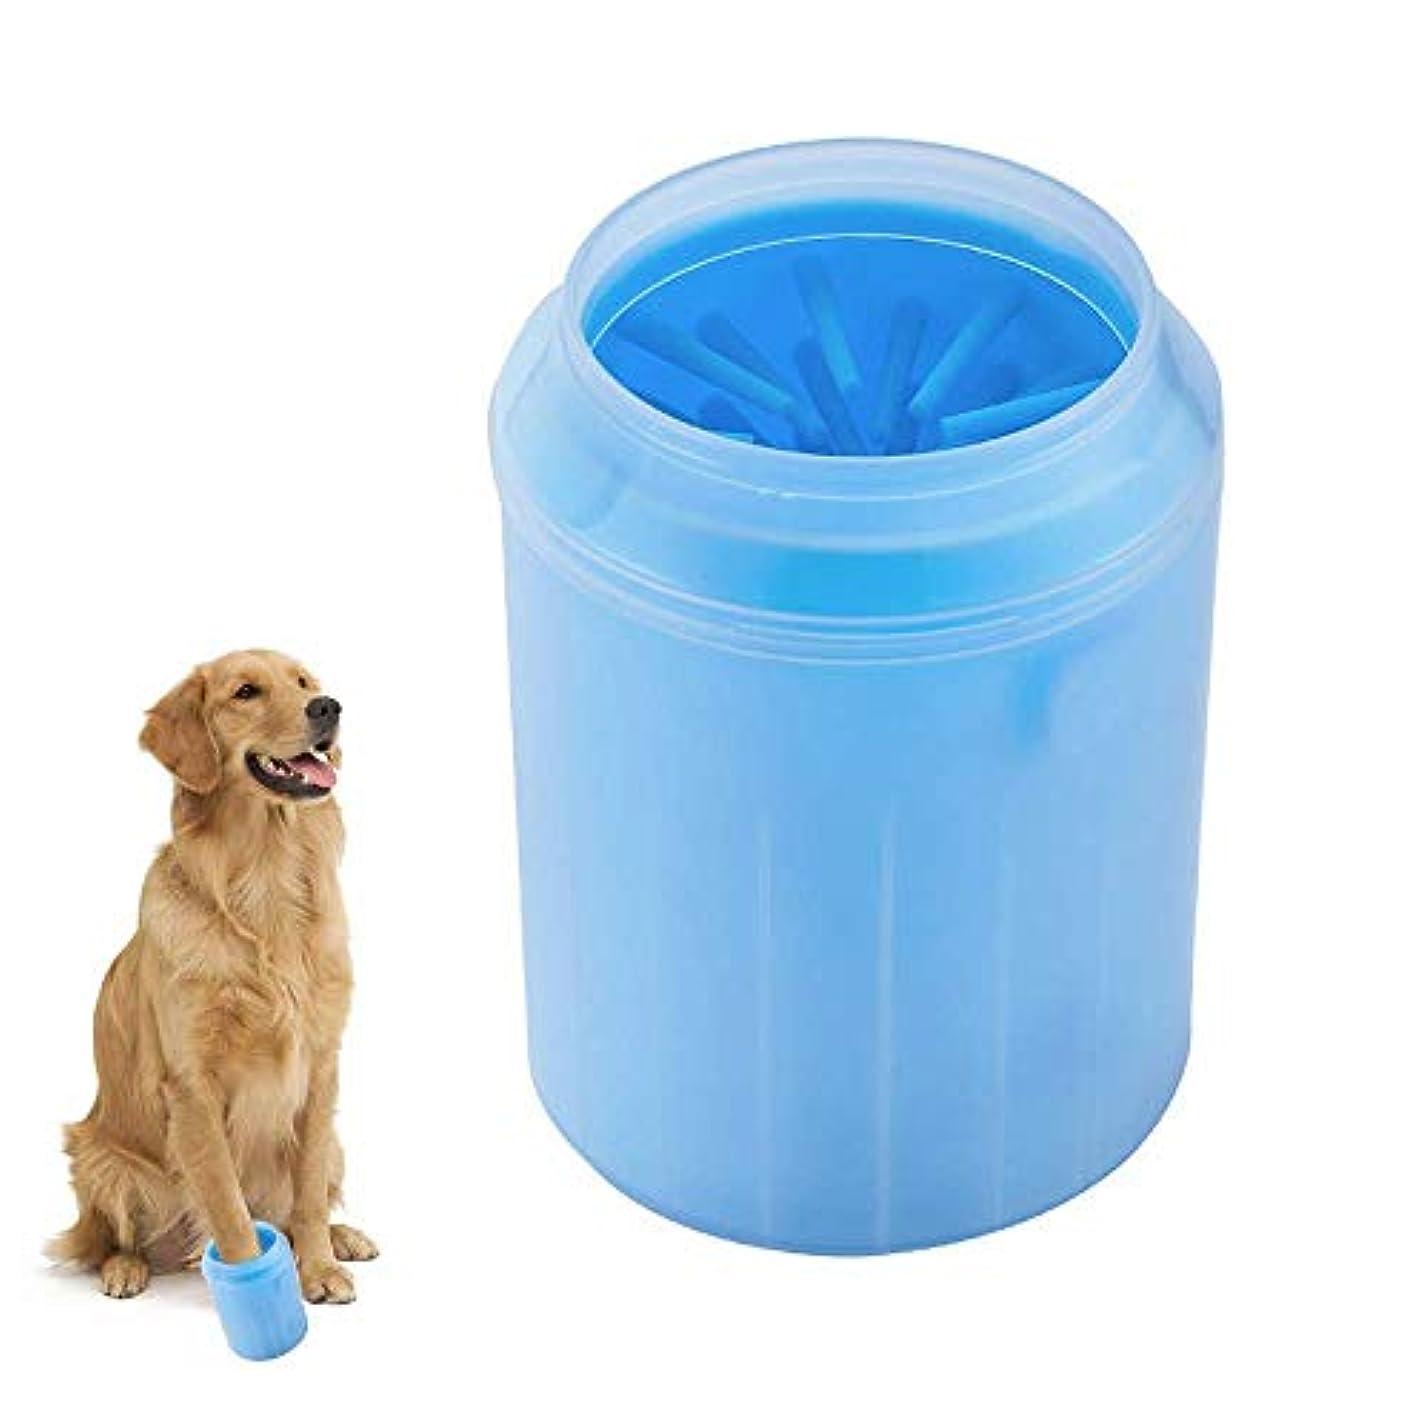 租界任命するボリュームペット用 足洗いカップ 犬用 猫用 足 クリーナー 使いやすい 抗菌シリコーン製 マッサージ効果 携帯便利 小型中型大型 犬